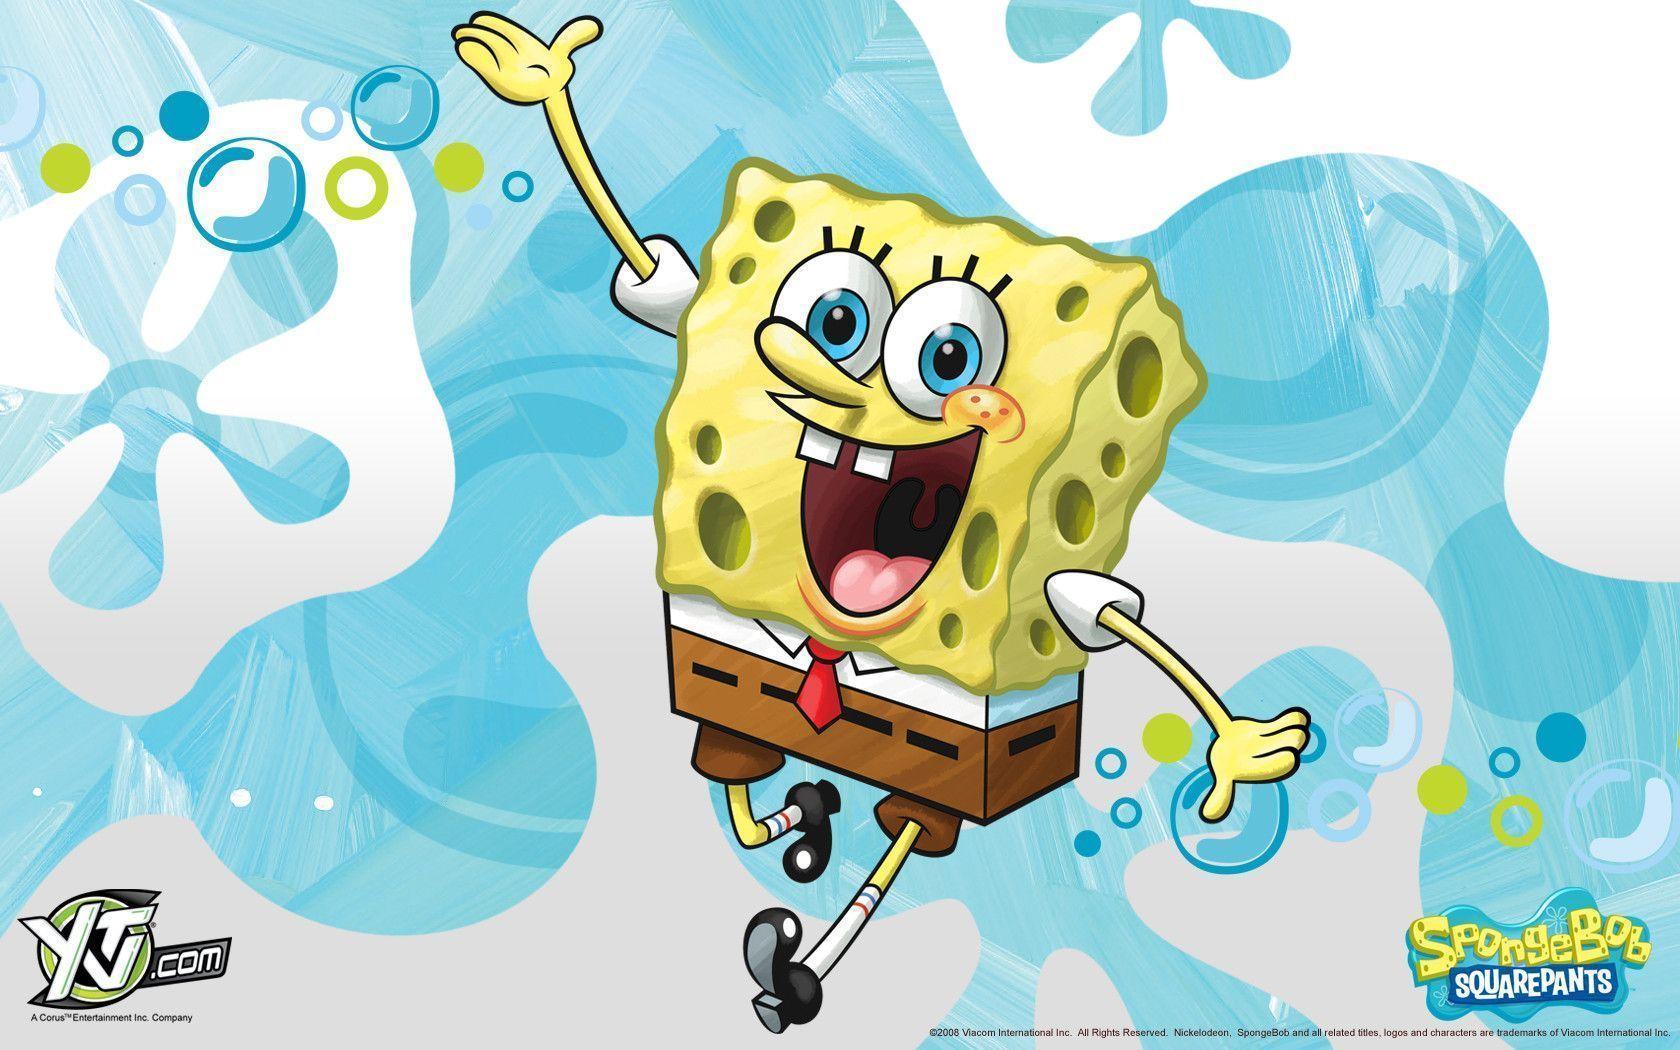 Spongebob Squarepants Wallpapers Wallpaper Cave